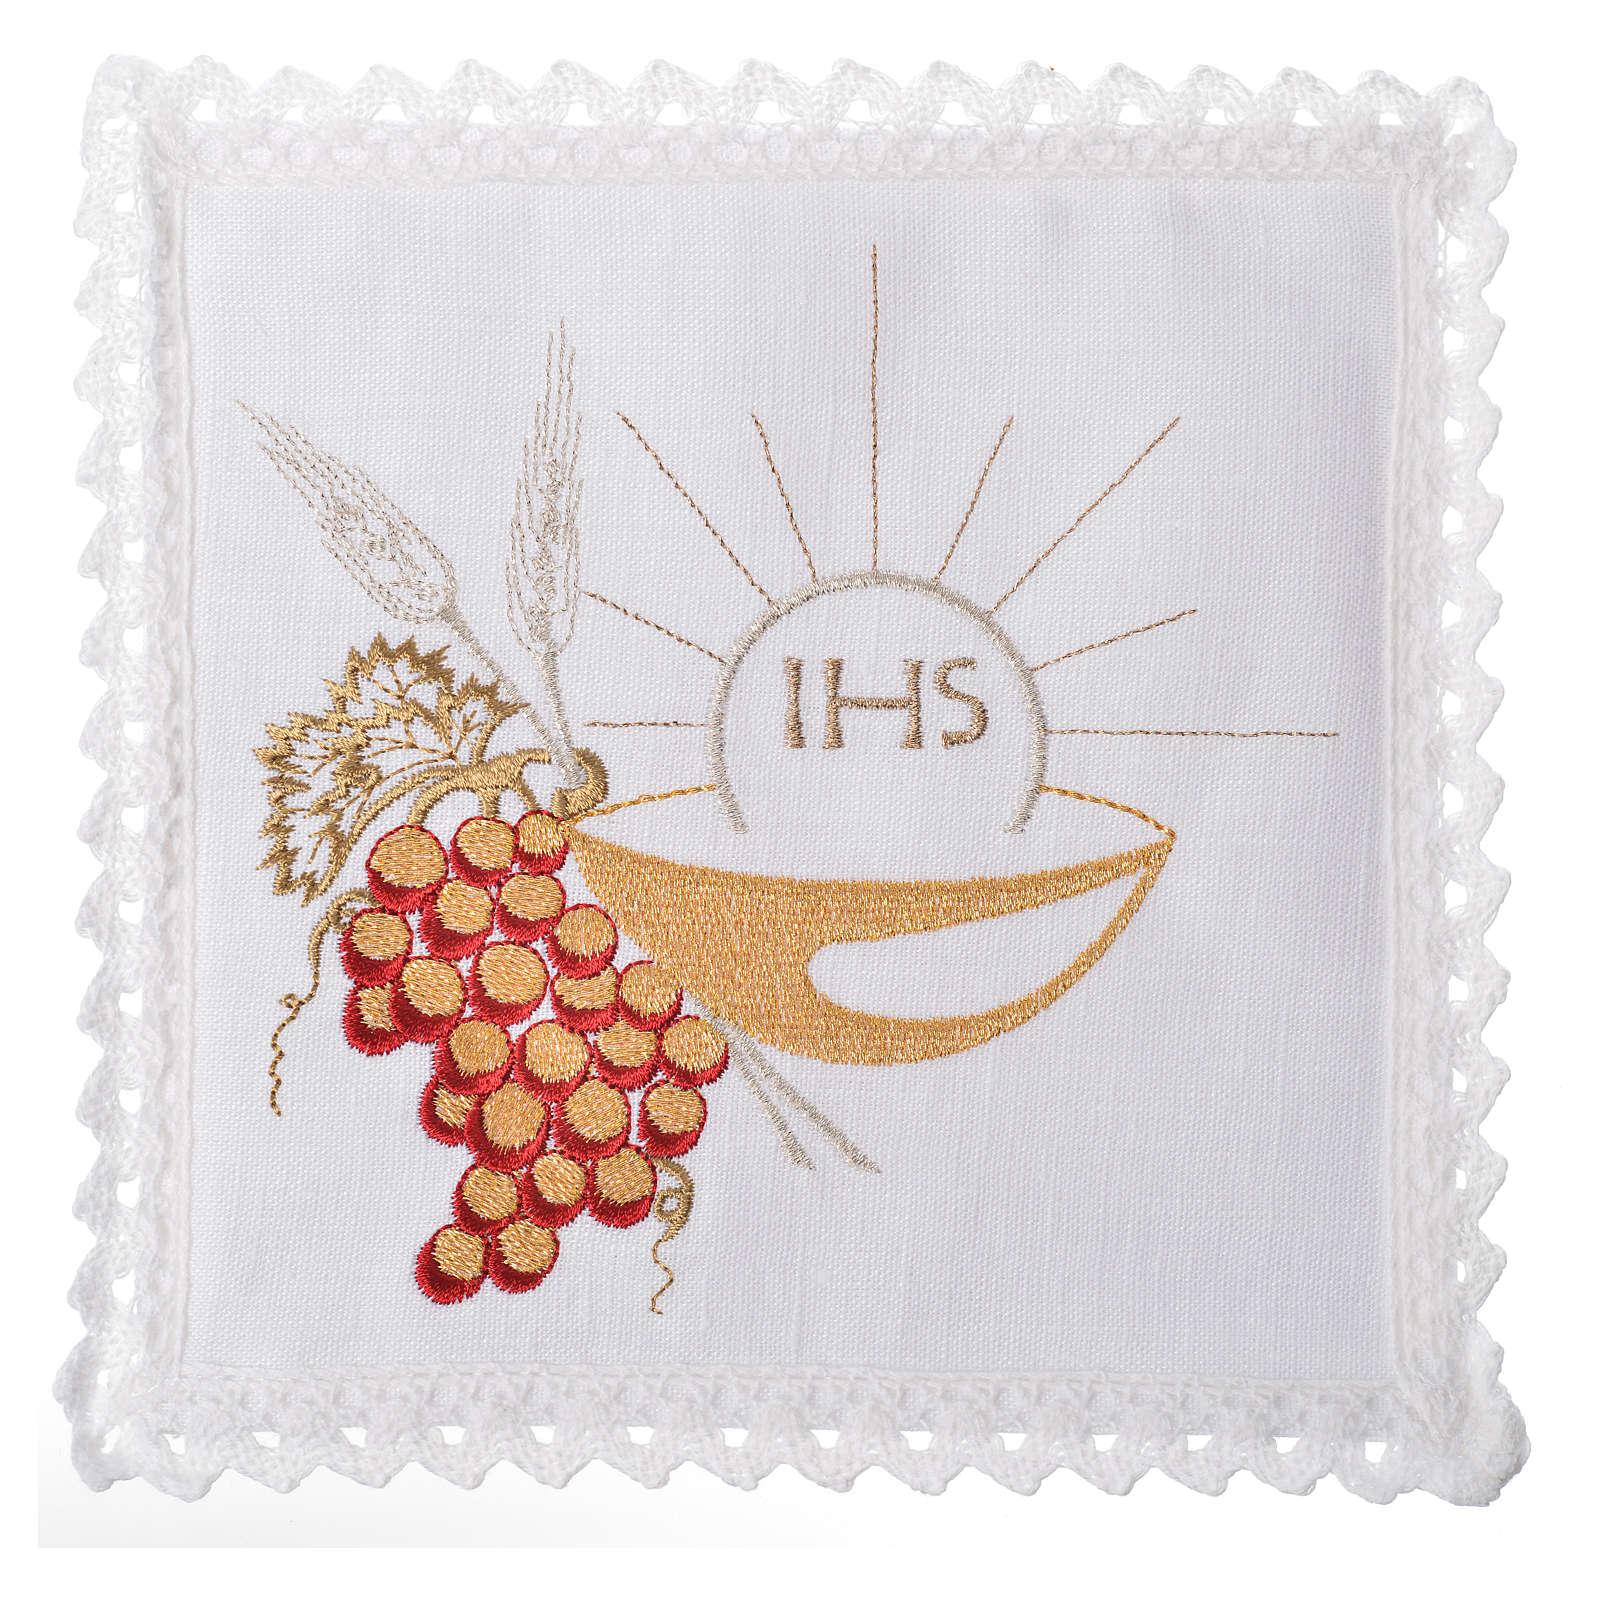 Servizio da messa 100% lino patena IHS uva 4